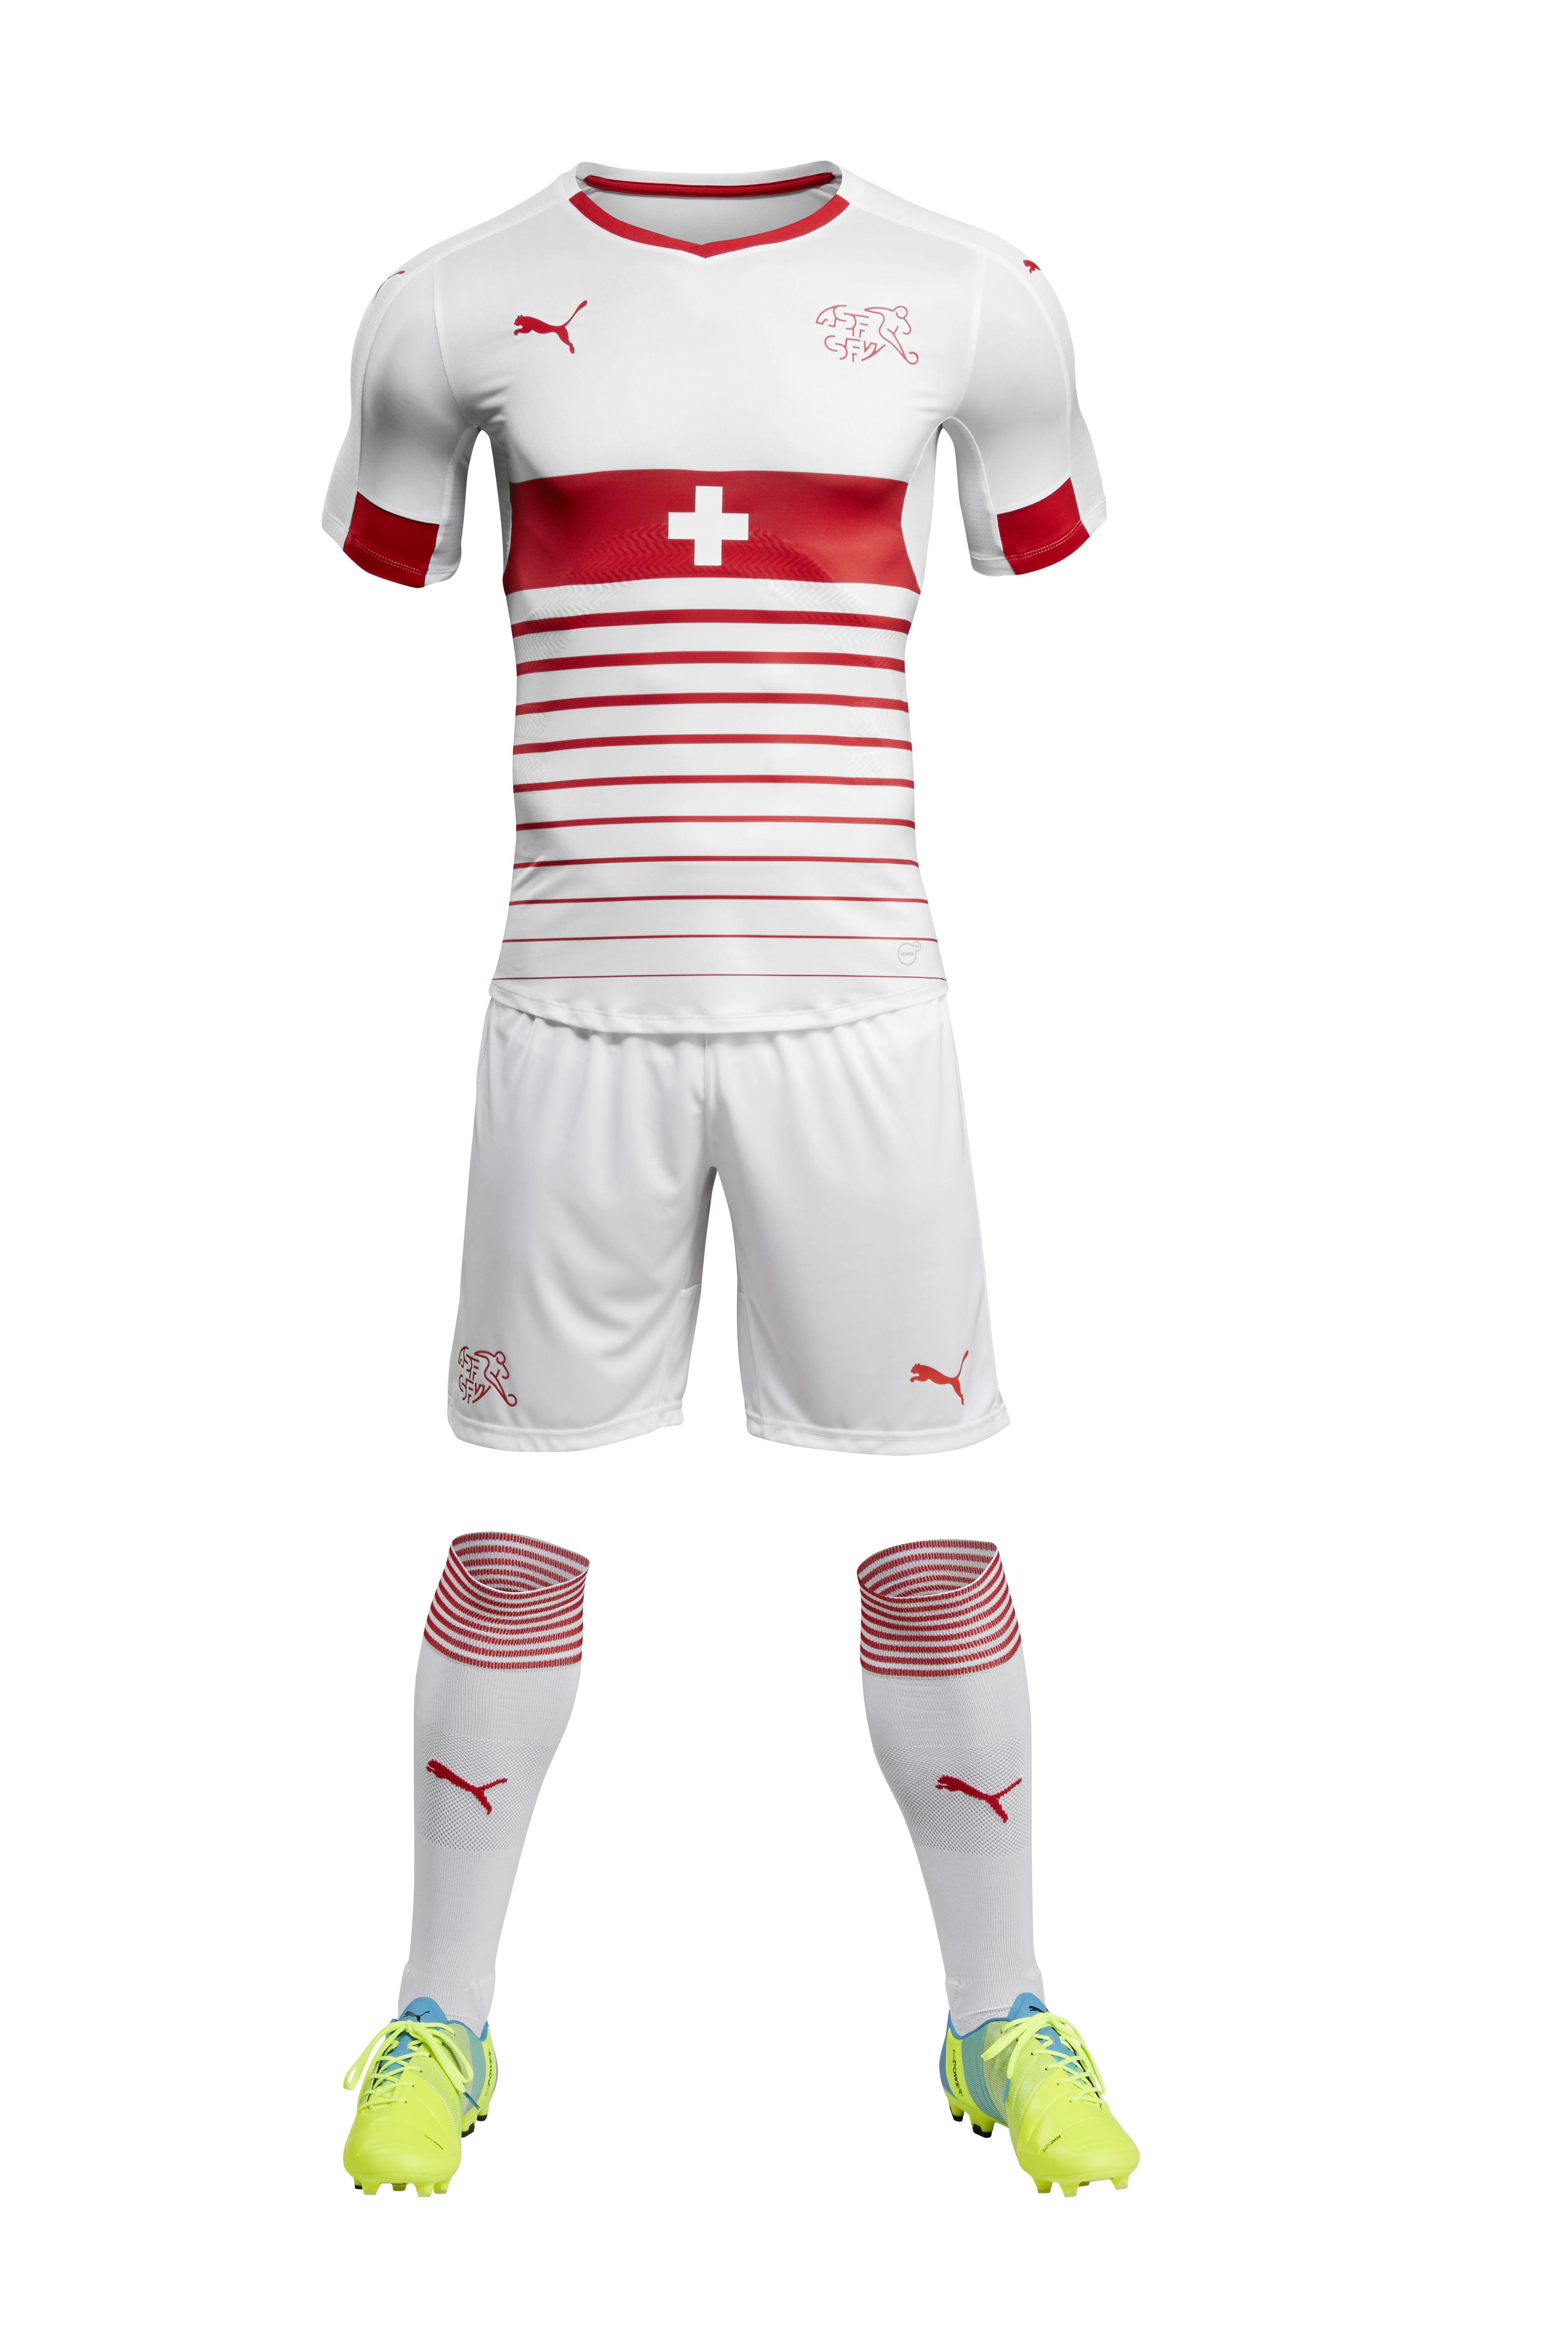 1f58a9da8 Switzerland Football Kits